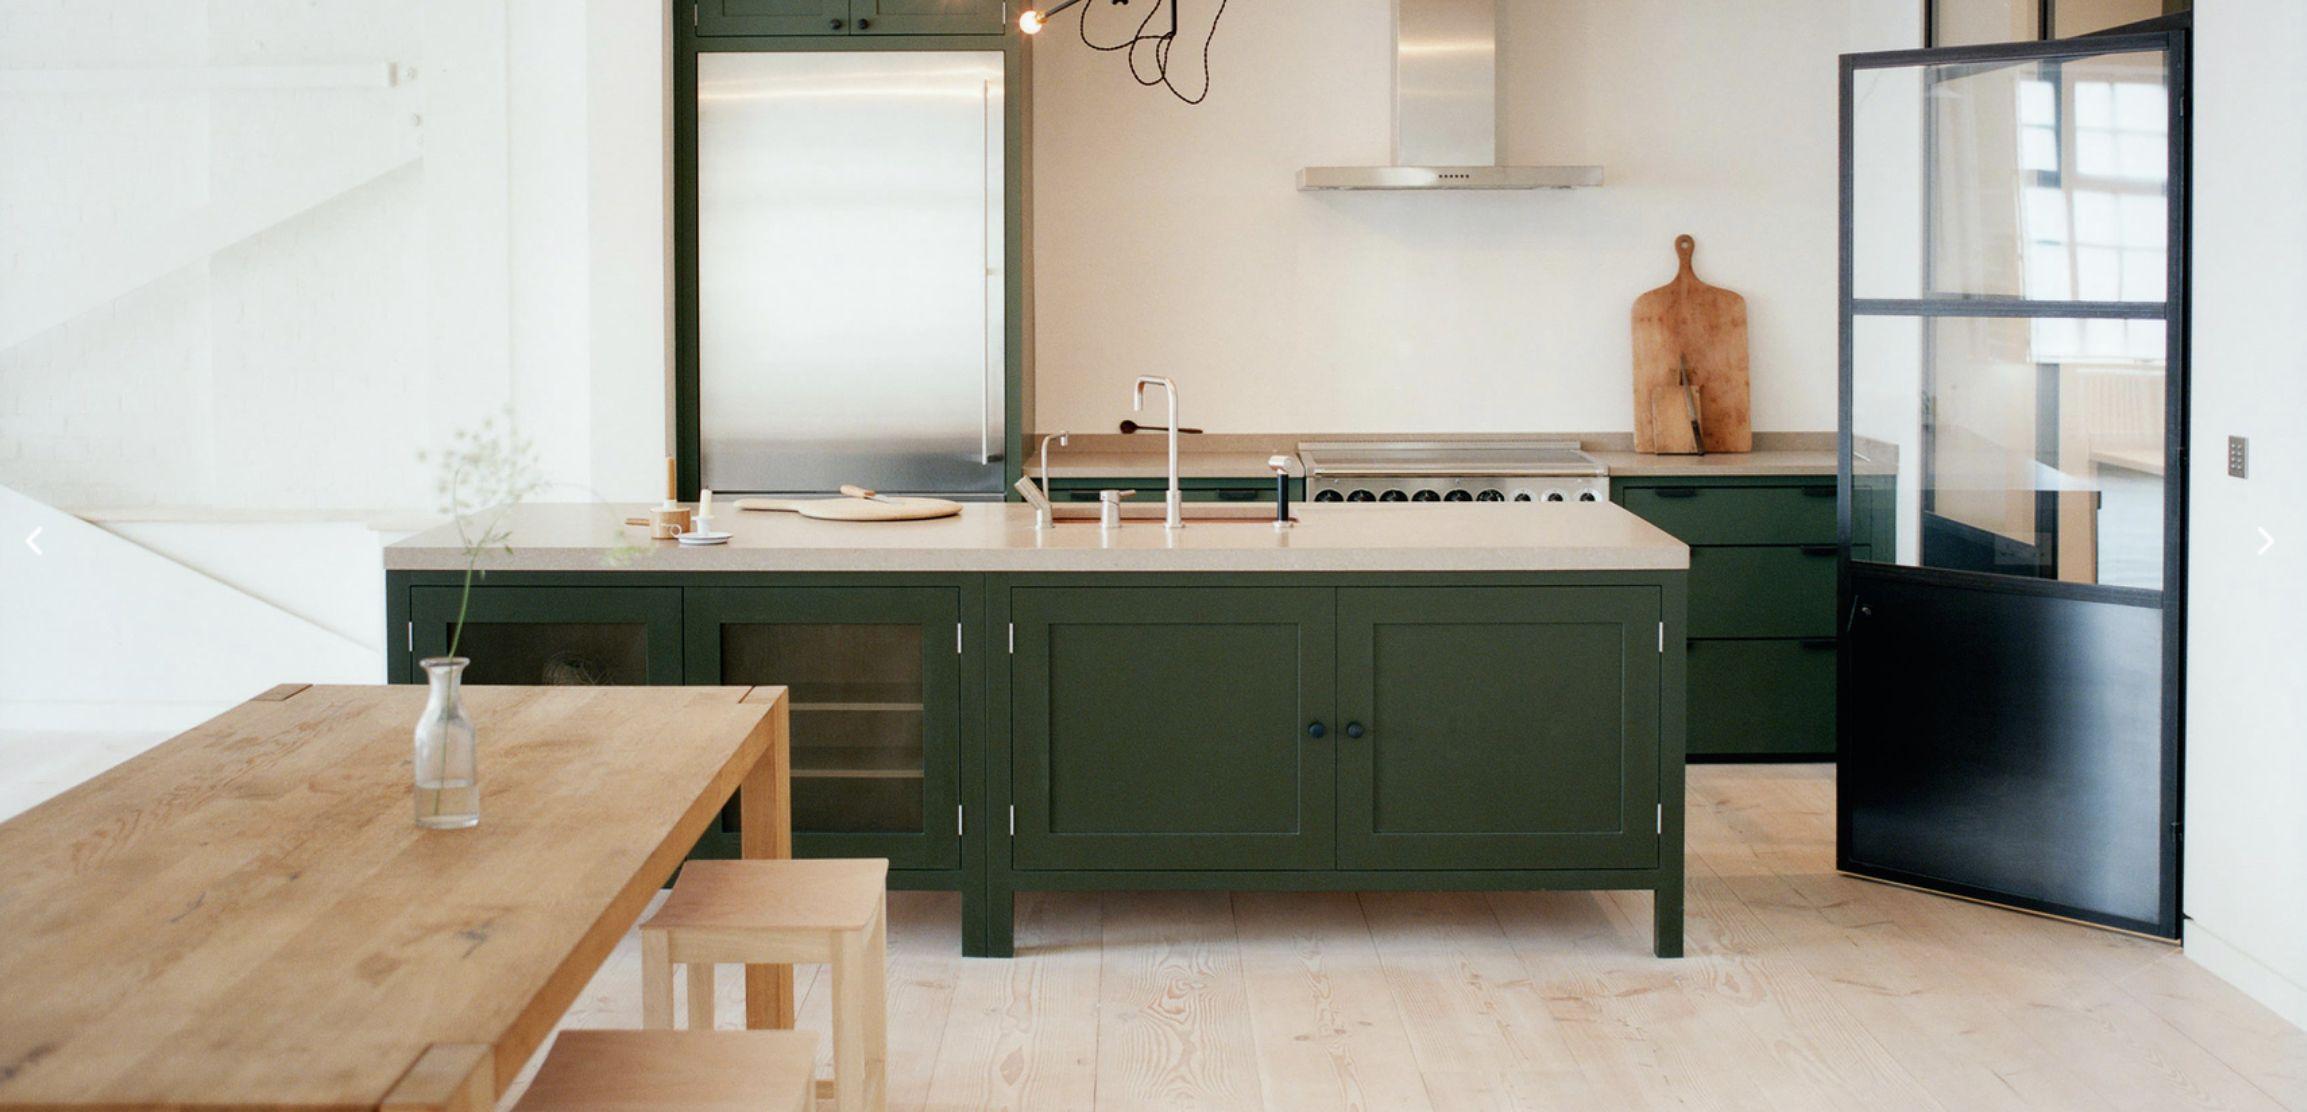 Pin By Rita Konig Ltd On Art Dark Green Kitchen Kitchen Renovation Trends Green Kitchen Island